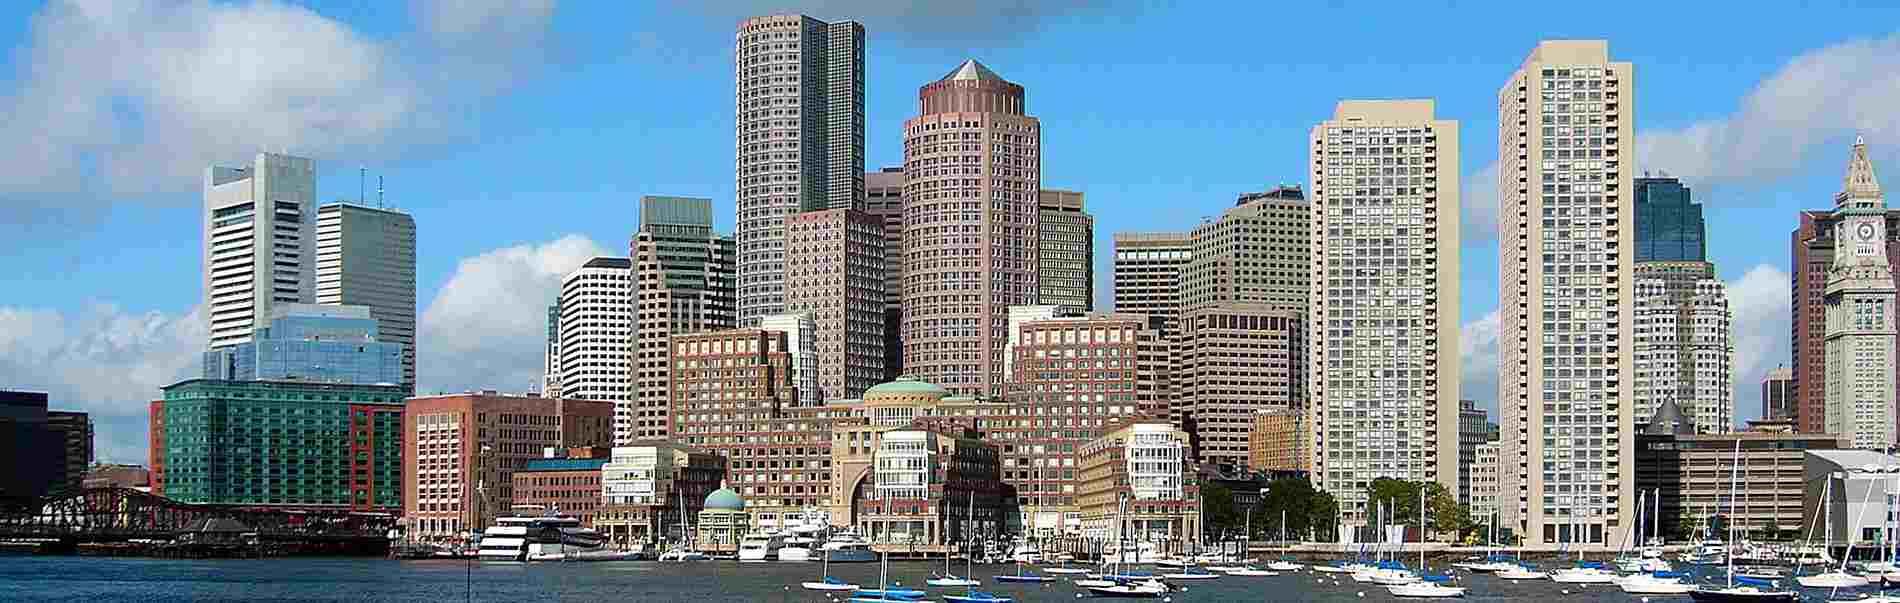 Khung cảnh đường chân trời tại Boston